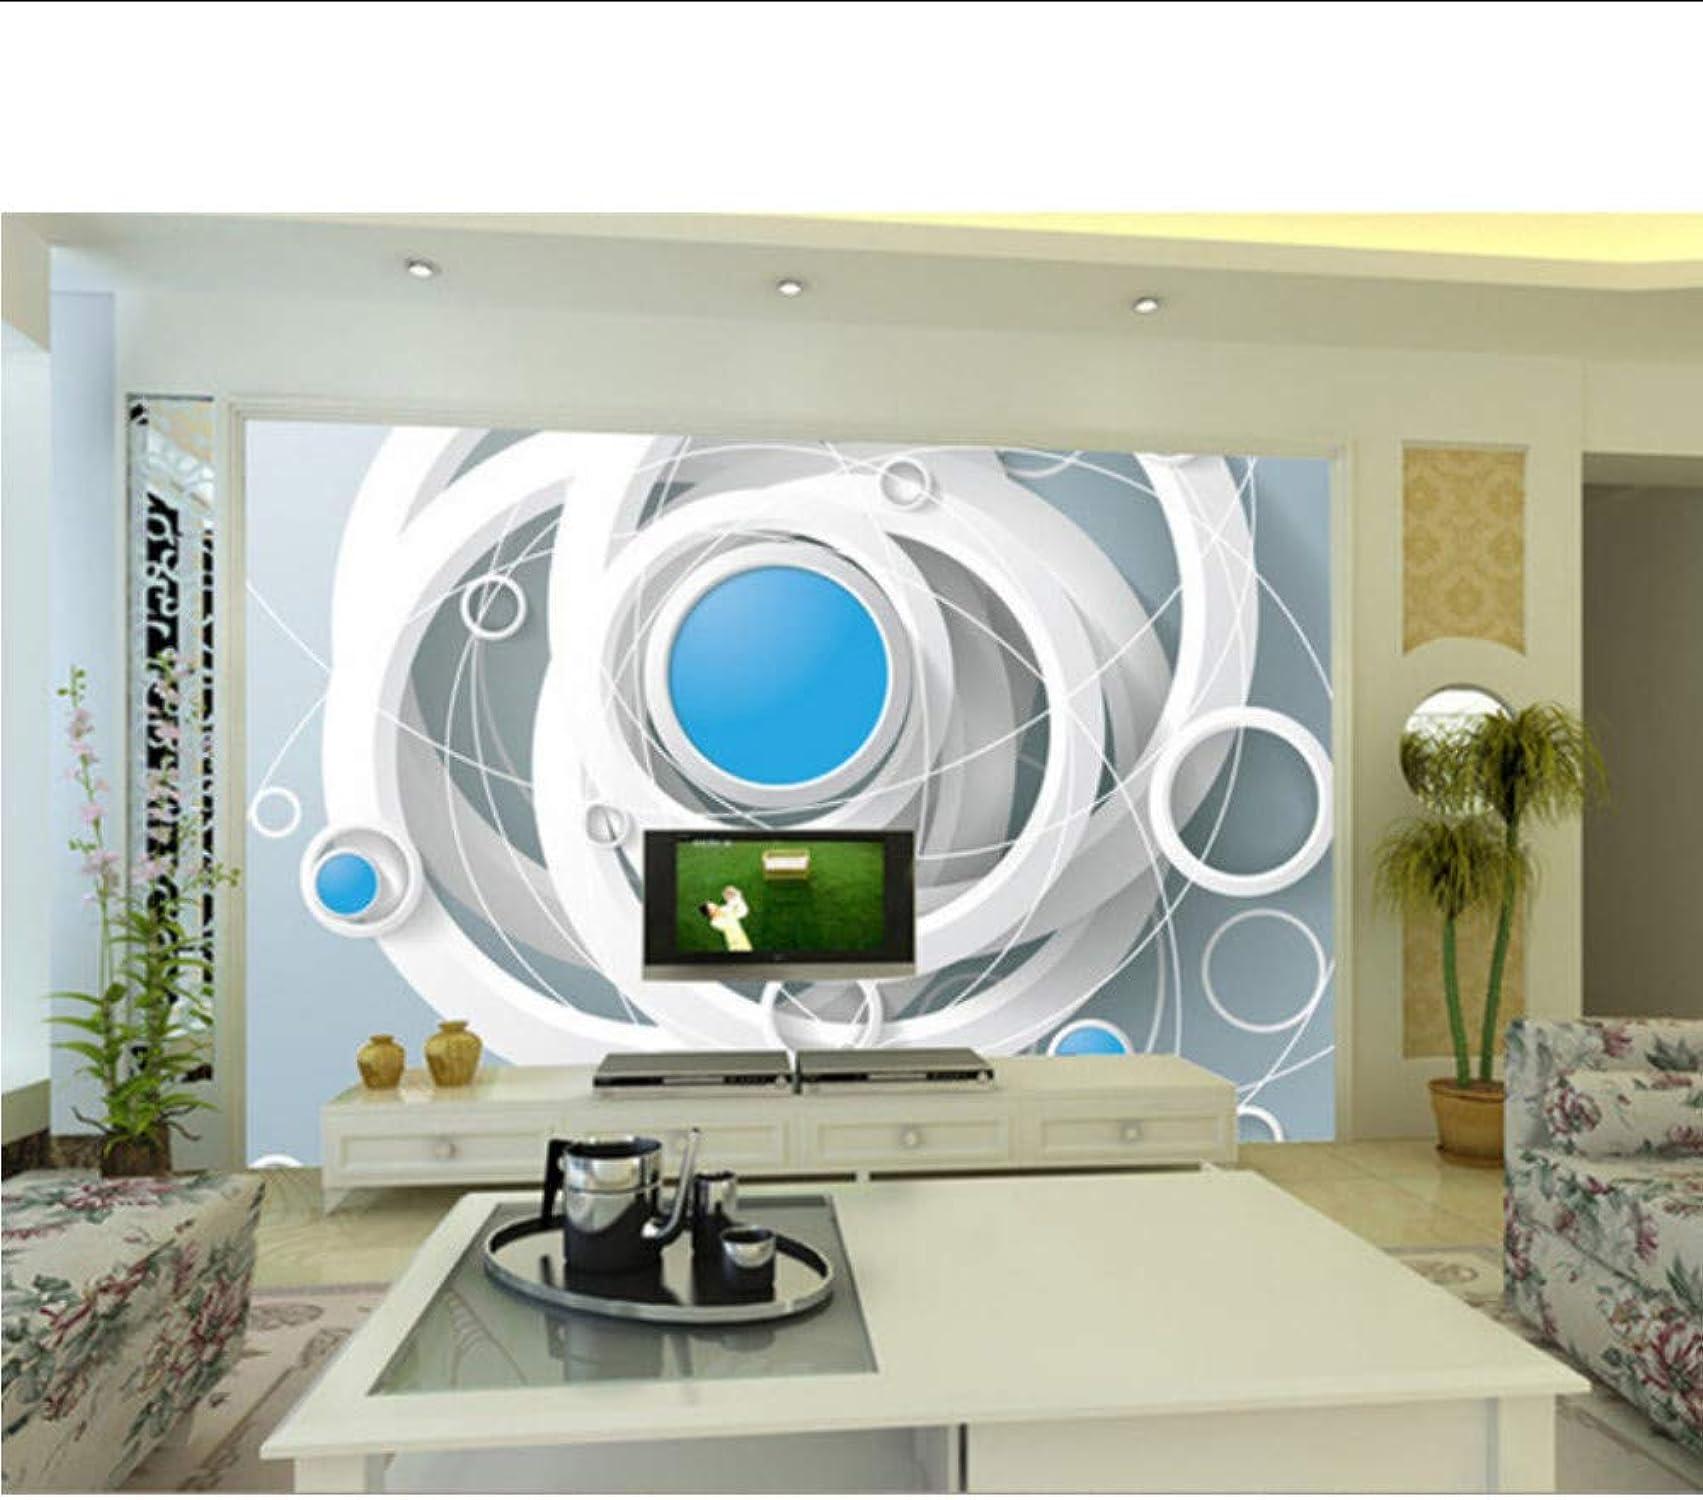 Ahorre 60% de descuento y envío rápido a todo el mundo. Wiwhy Wiwhy Wiwhy últimos Murales En 3D, Murales Sencillos De 3 D Anillos De Personalidad, Papel Tapiz Del Dormitorio Del Sofá Del Salón Tv Del Hotel-200X140Cm  distribución global